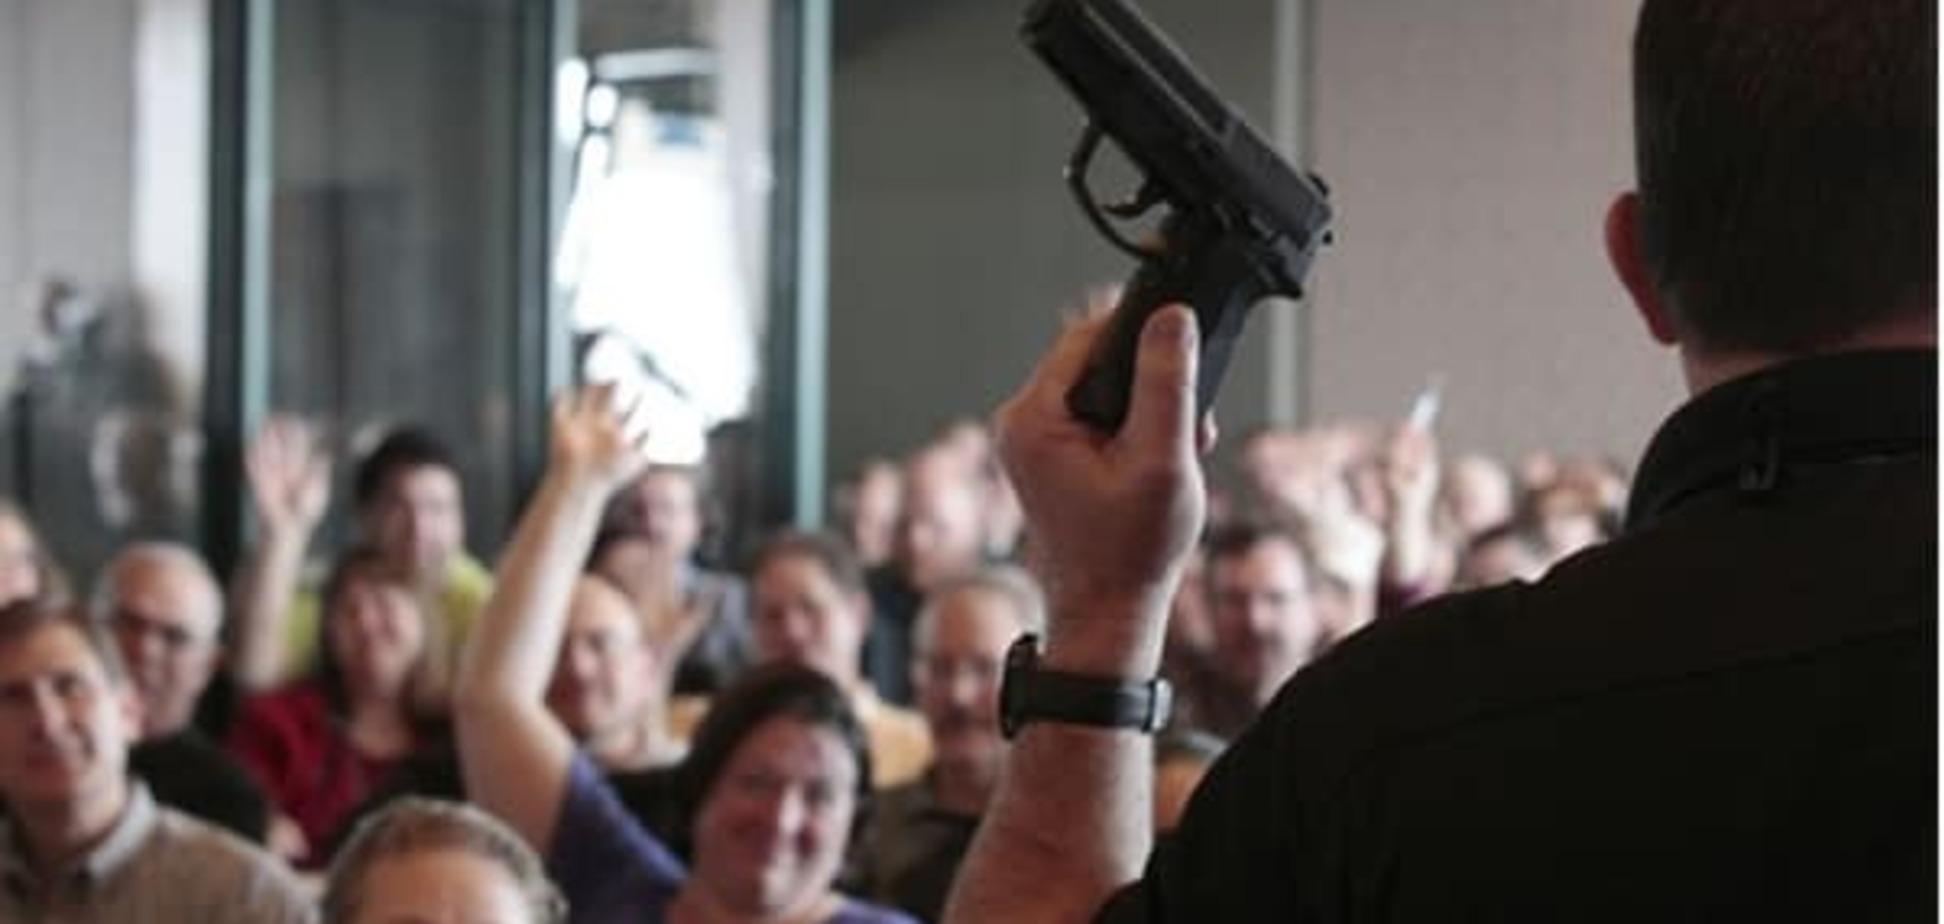 ЗМІ: Українці можуть легально купувати вогнепальну зброю